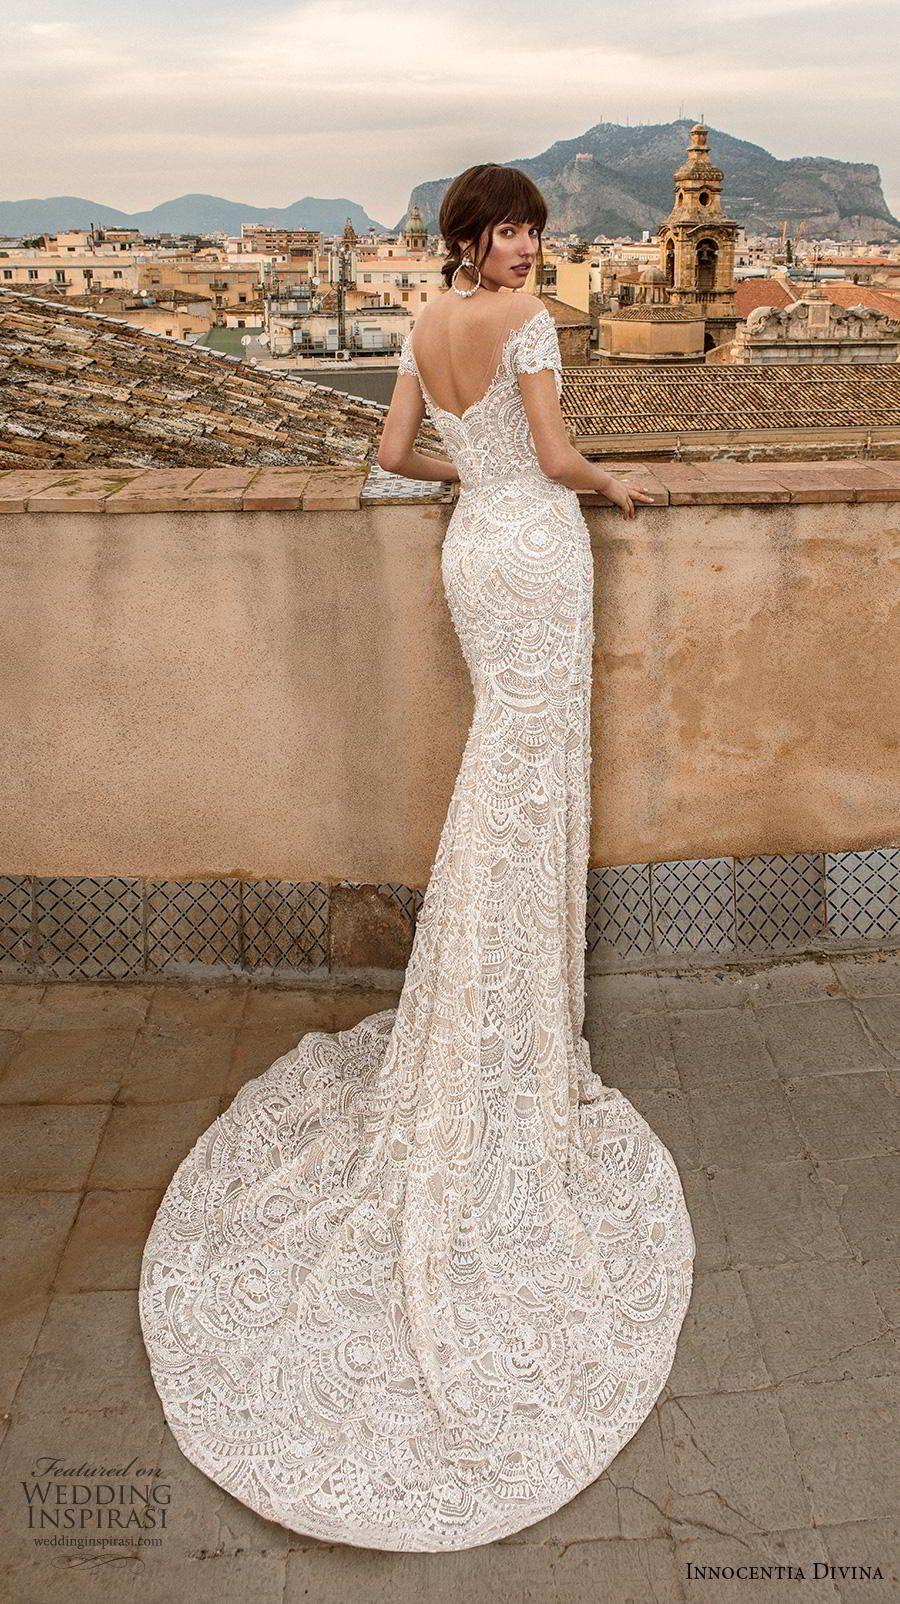 Innocentia Divina 2020 Wedding Dresses Sicilia Bridal Collection Wedding Inspirasi 2020 Wedding Dresses Wedding Dress Styles Wedding Gowns Mermaid [ 1604 x 900 Pixel ]